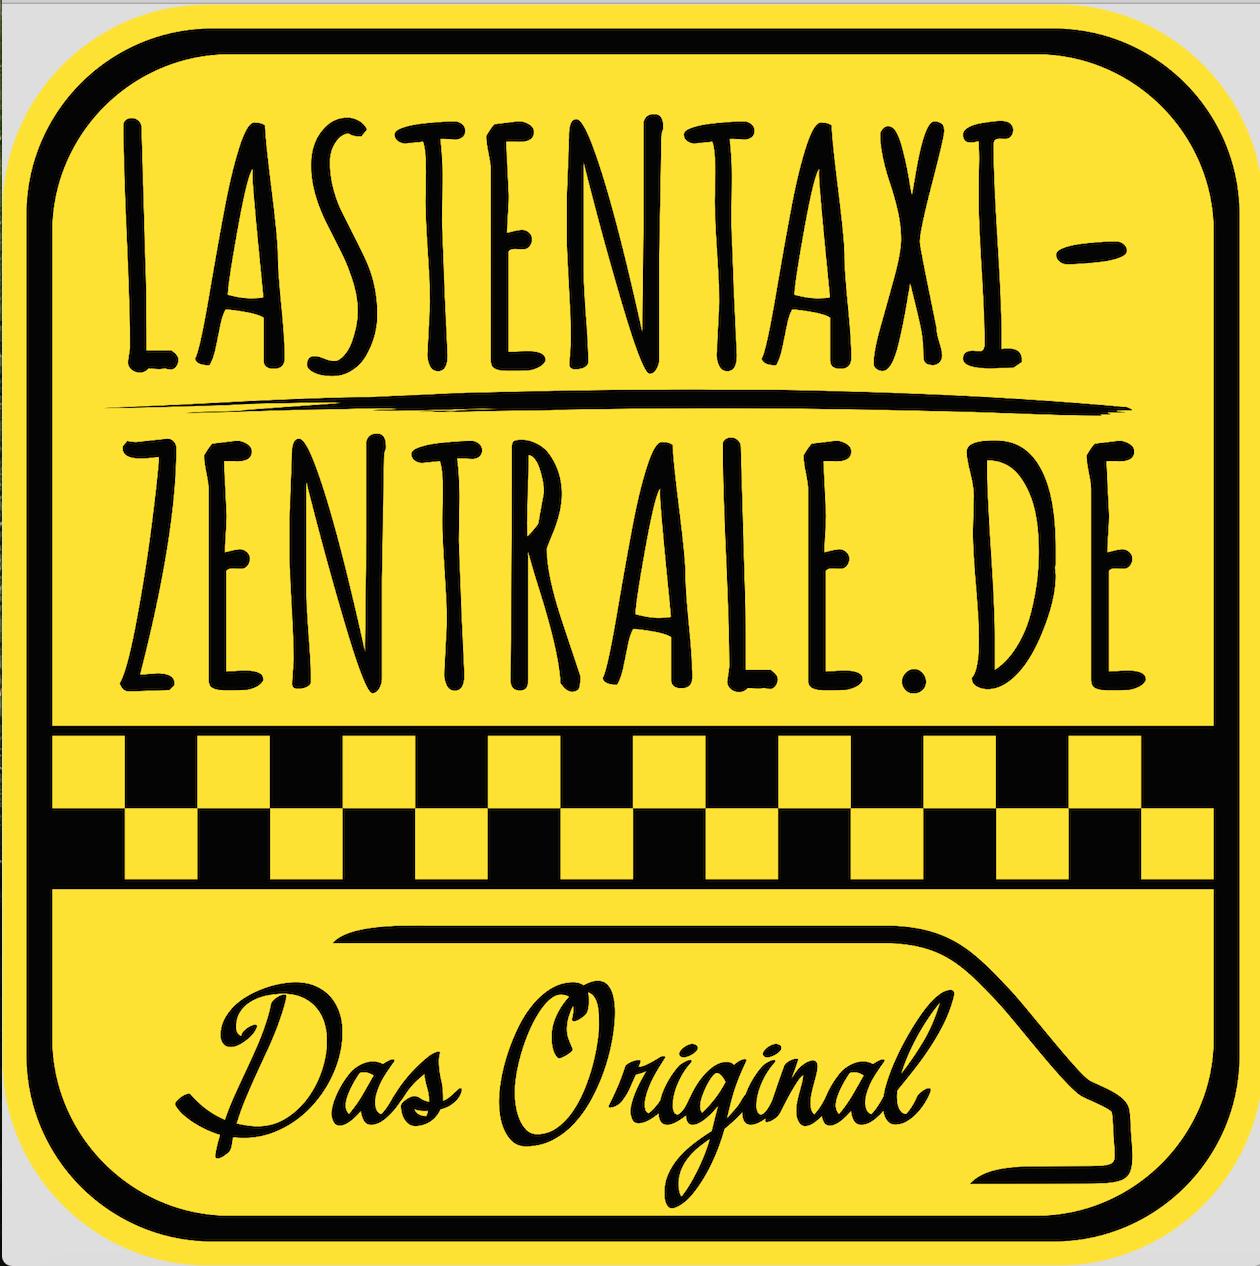 www.Lastentaxi-Zentrale.de